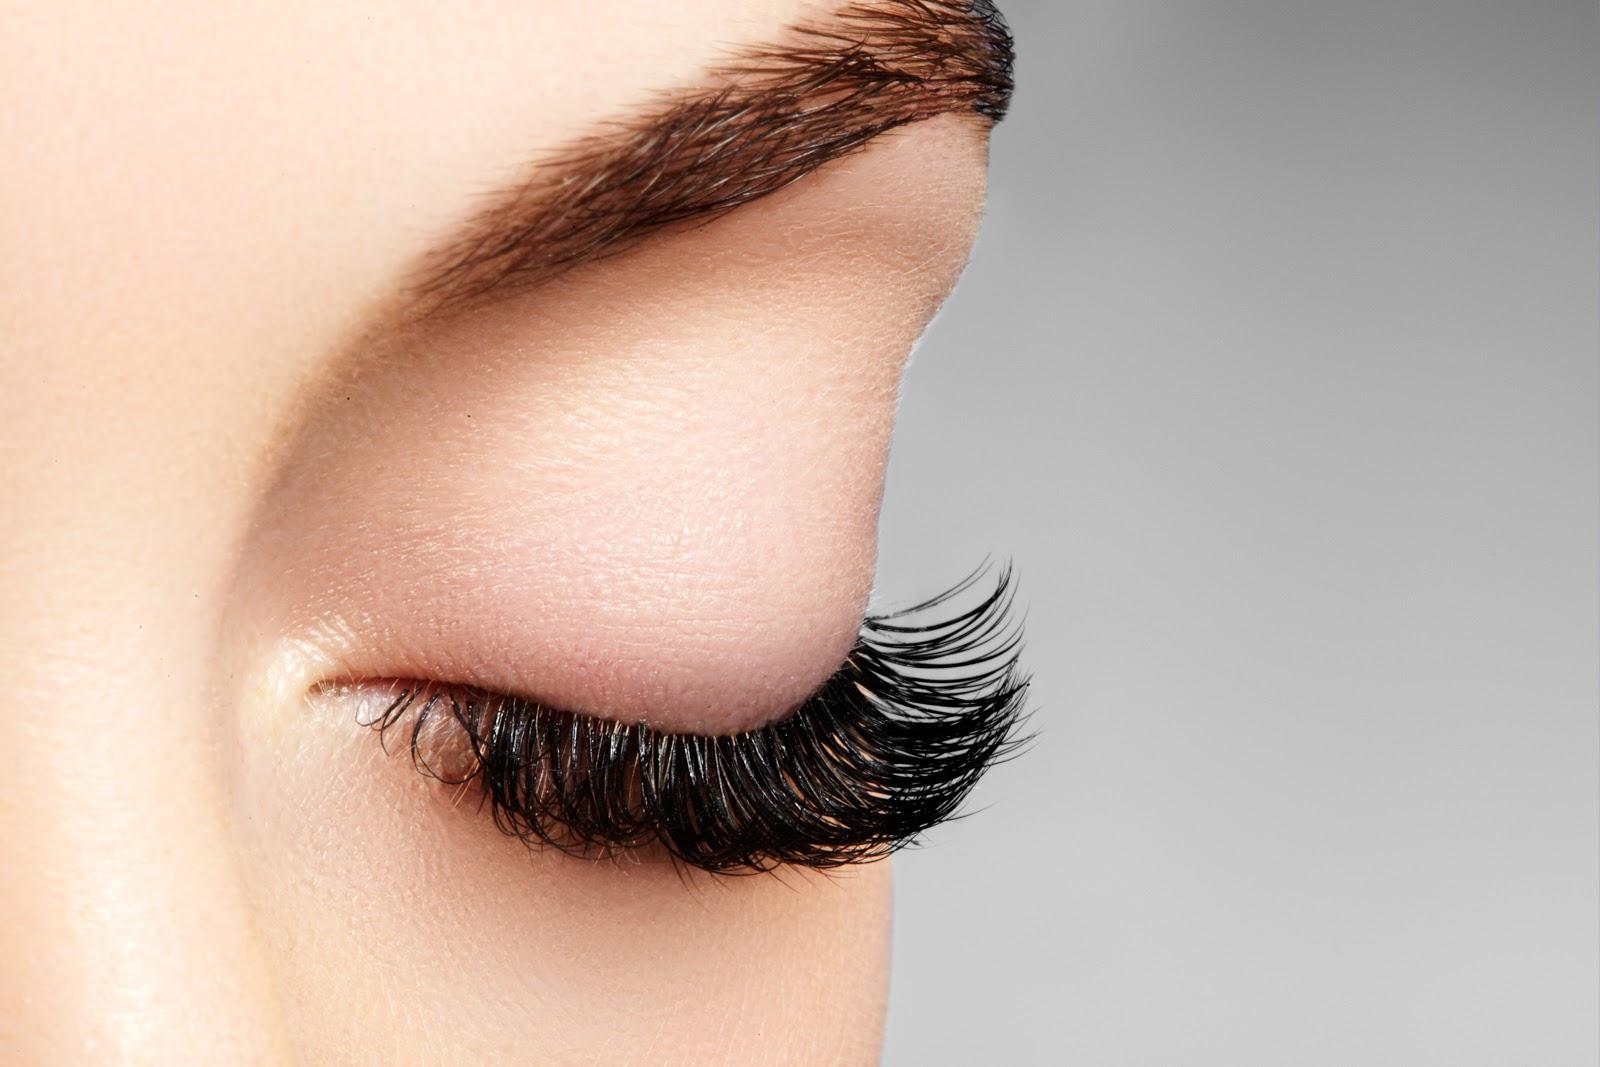 magic laser - how to apply false eyelashes